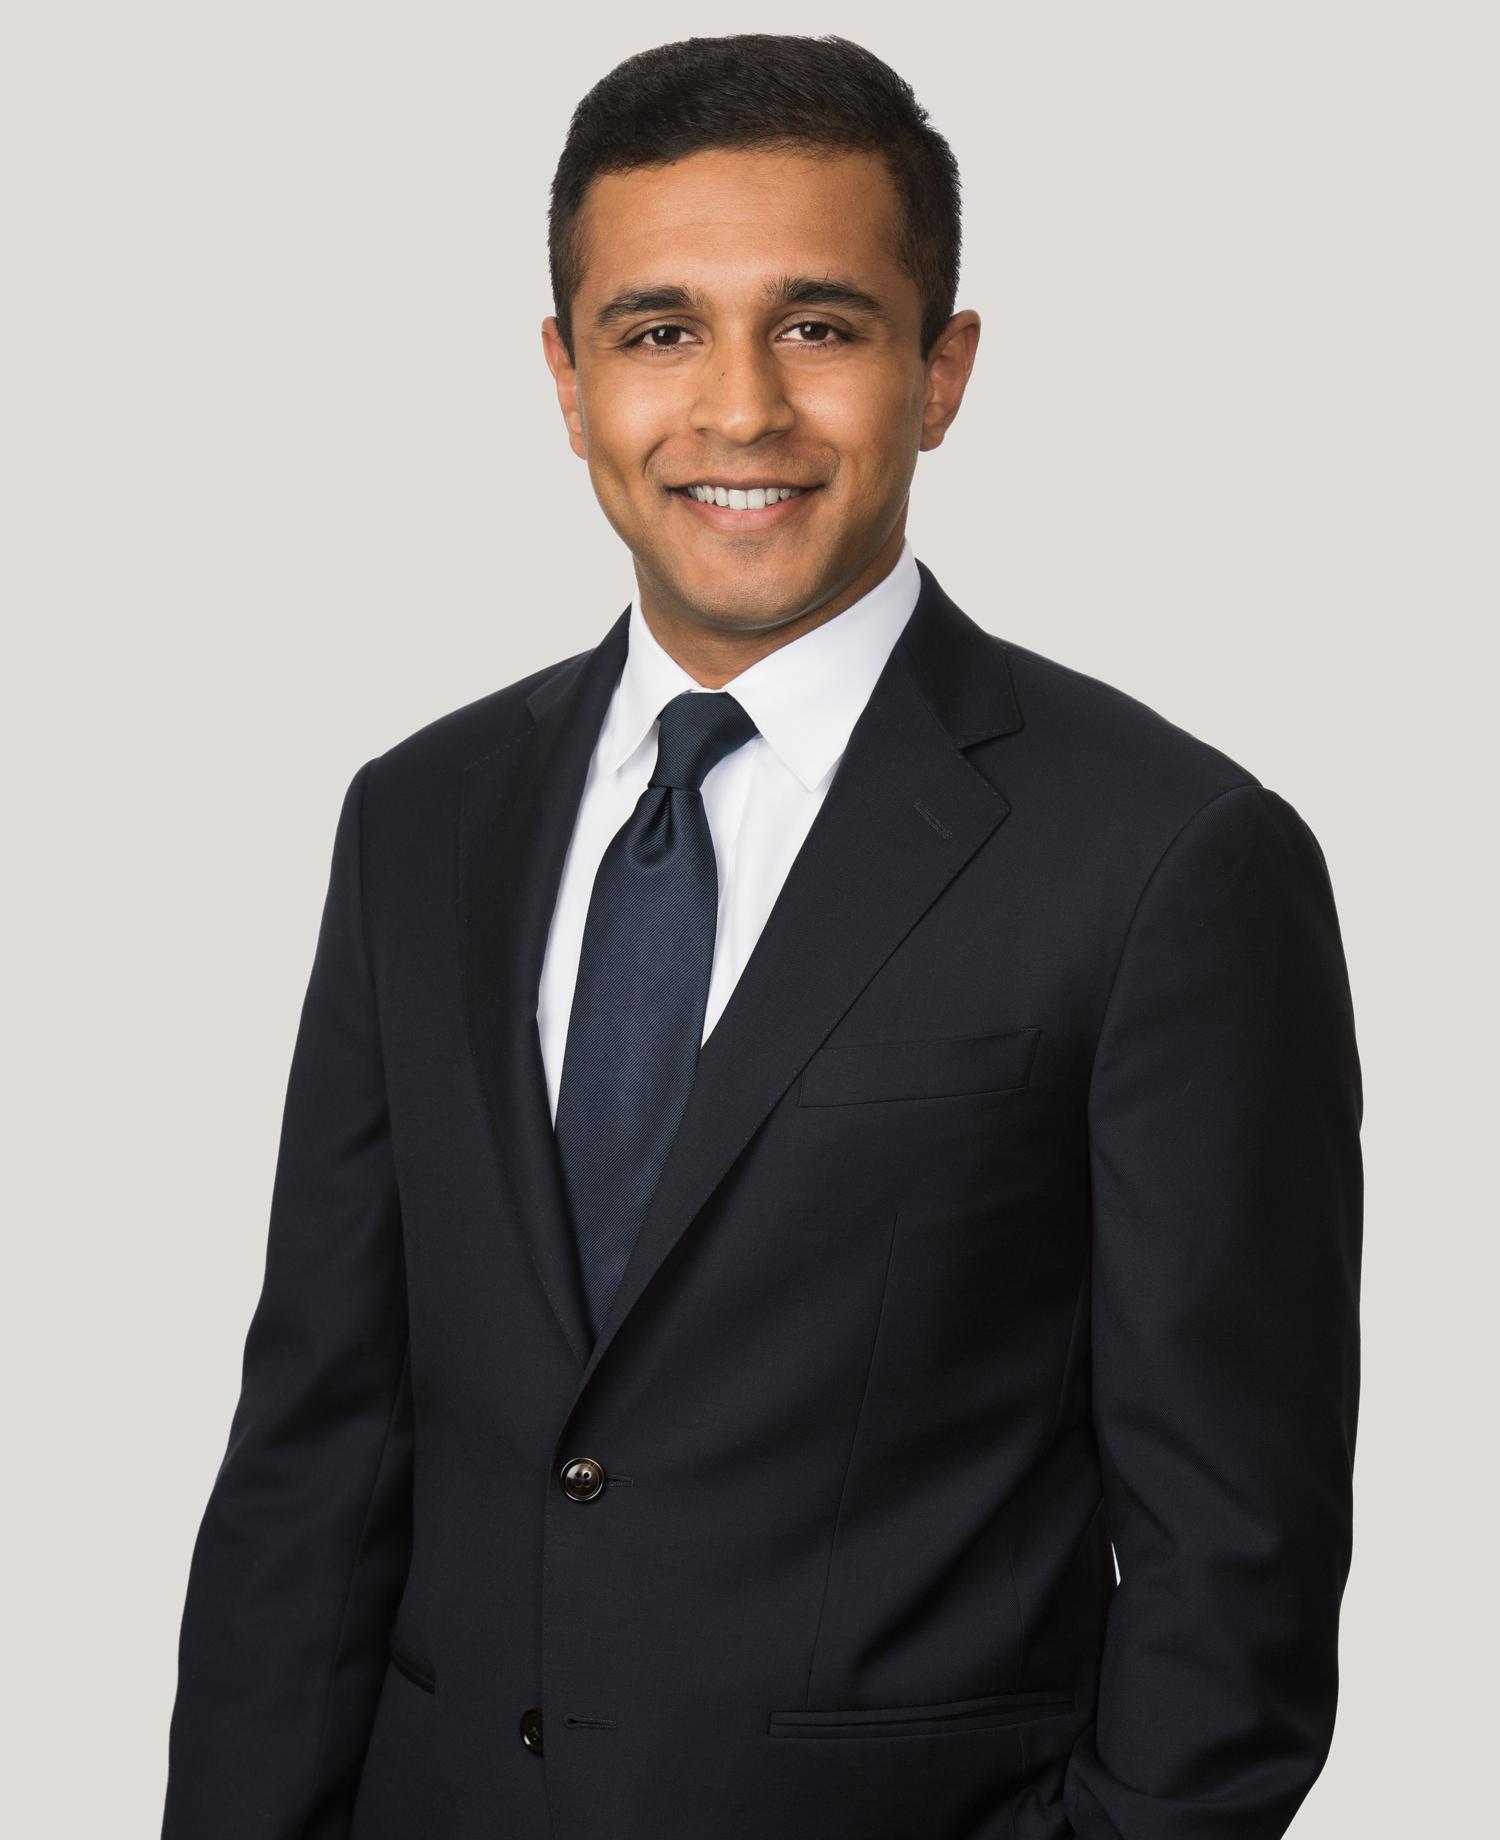 Daniel Cheriyan